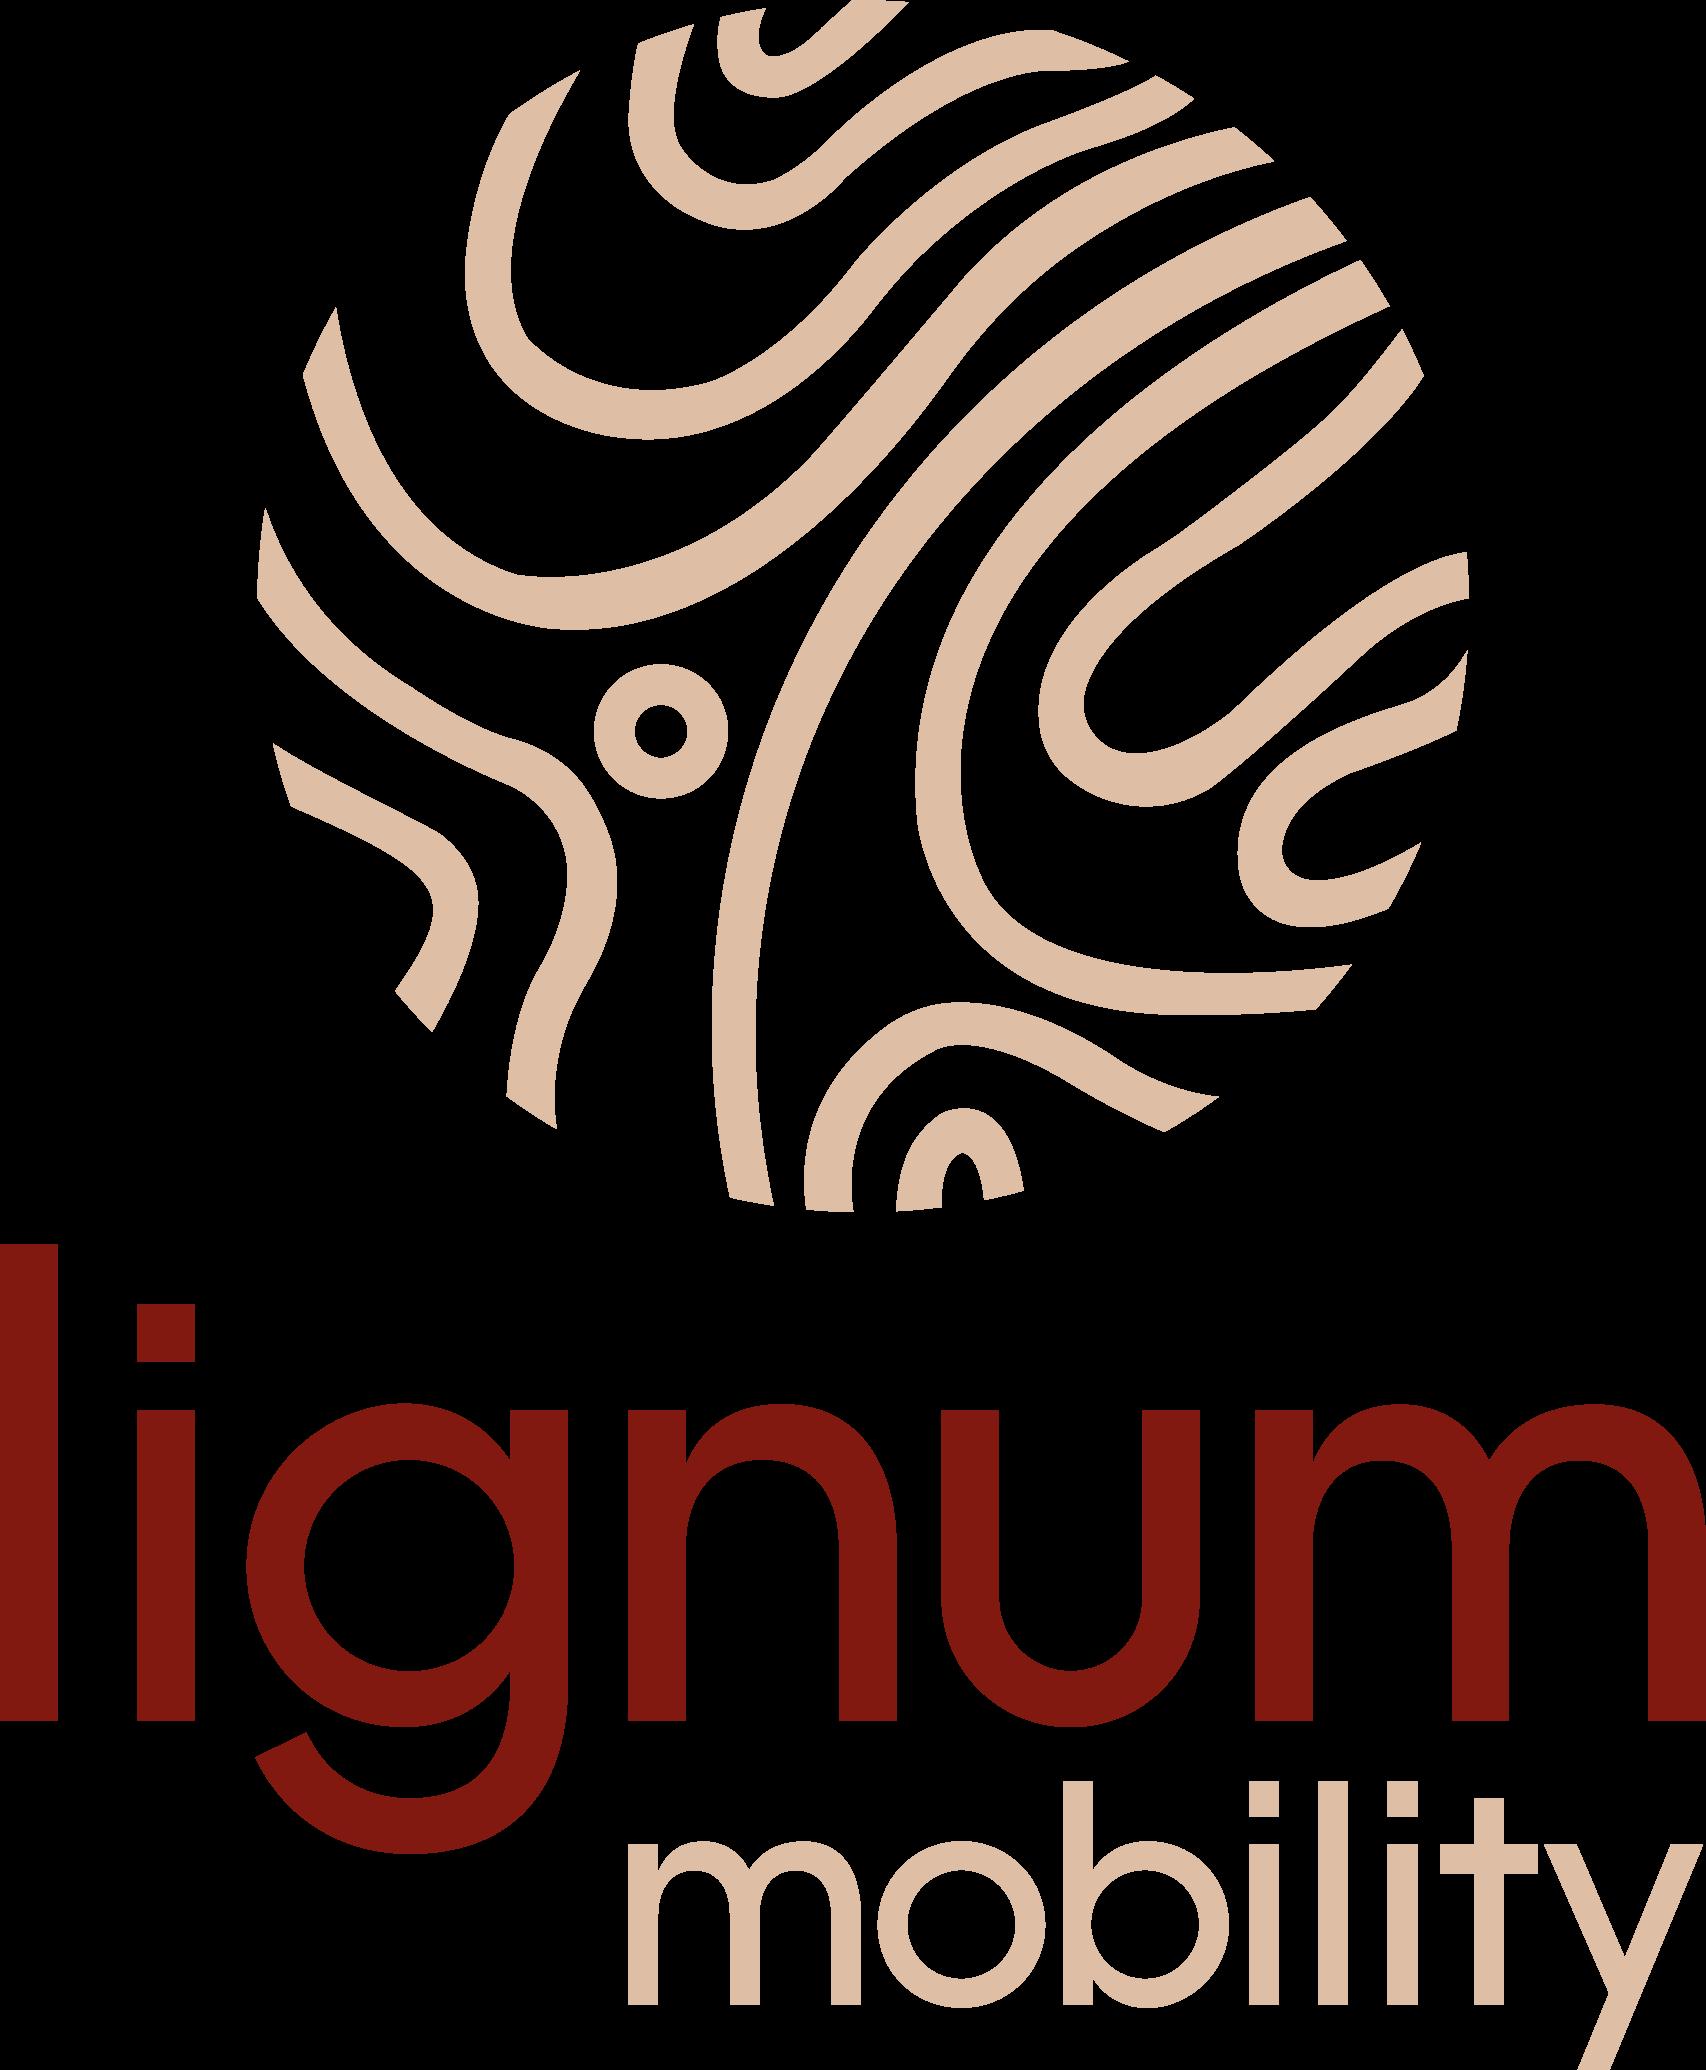 Lignum mobility